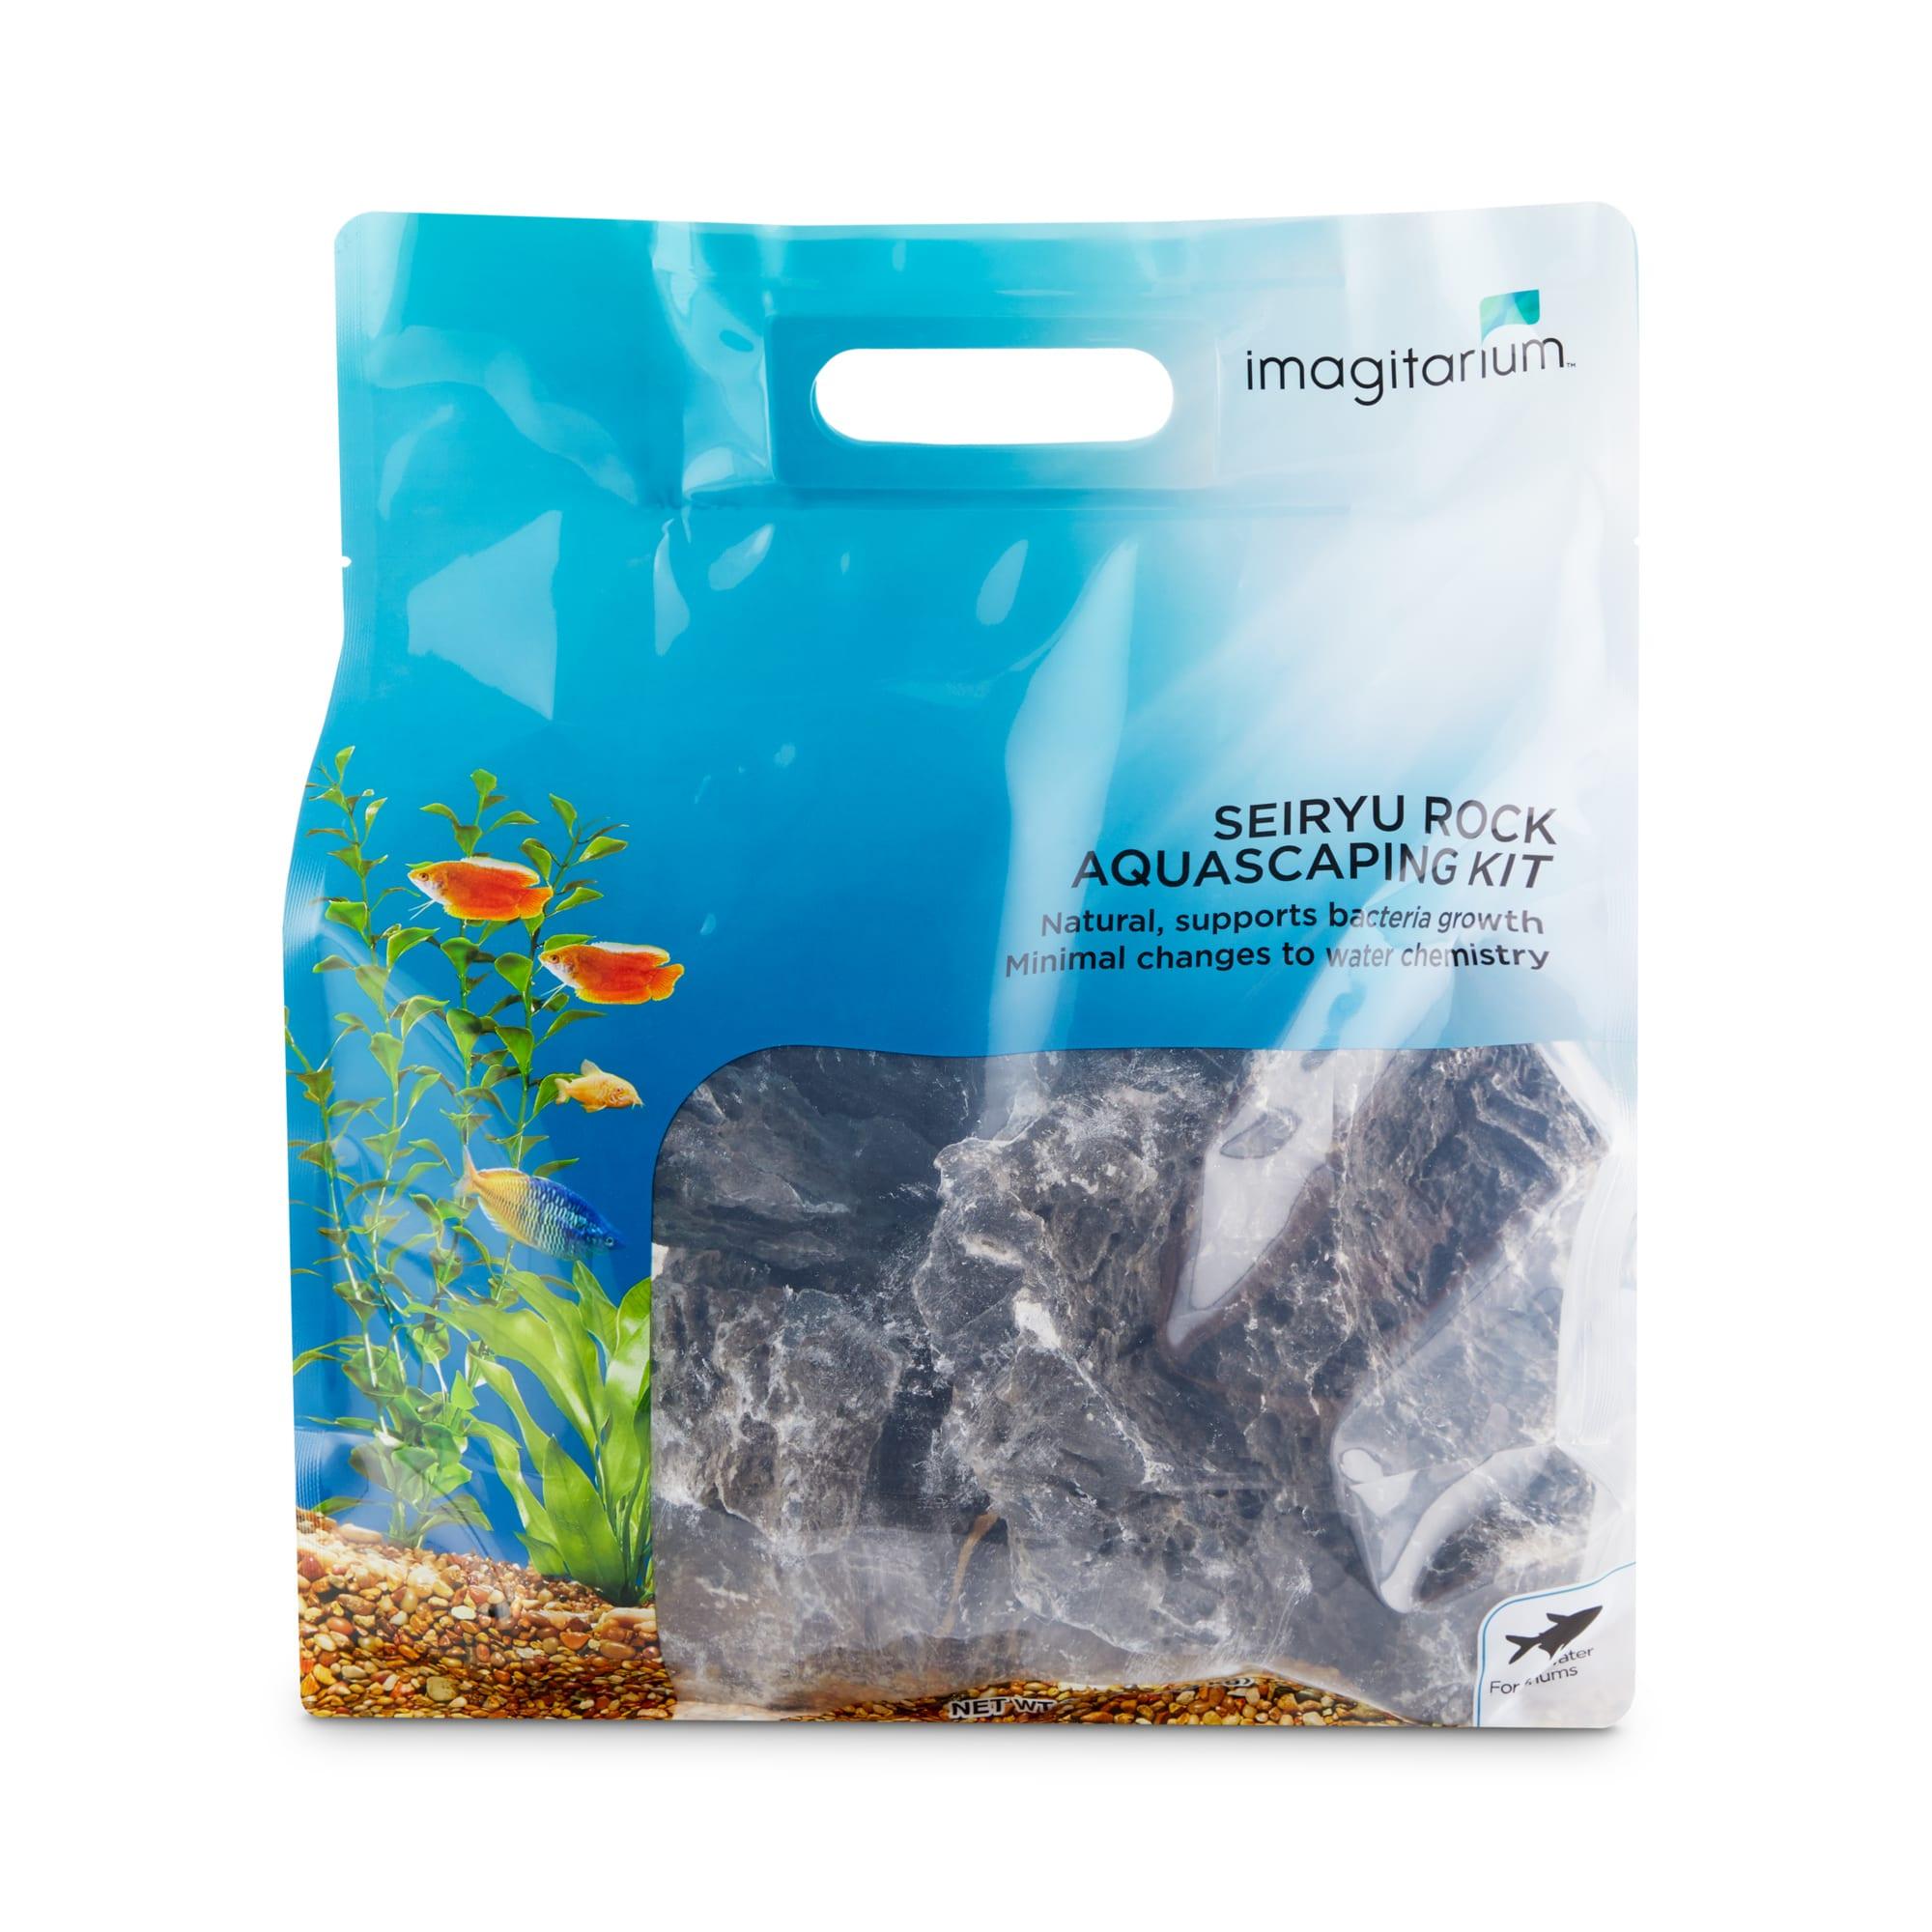 Imagitarium Seiryu Rock Aquascaping Kit Large Petco